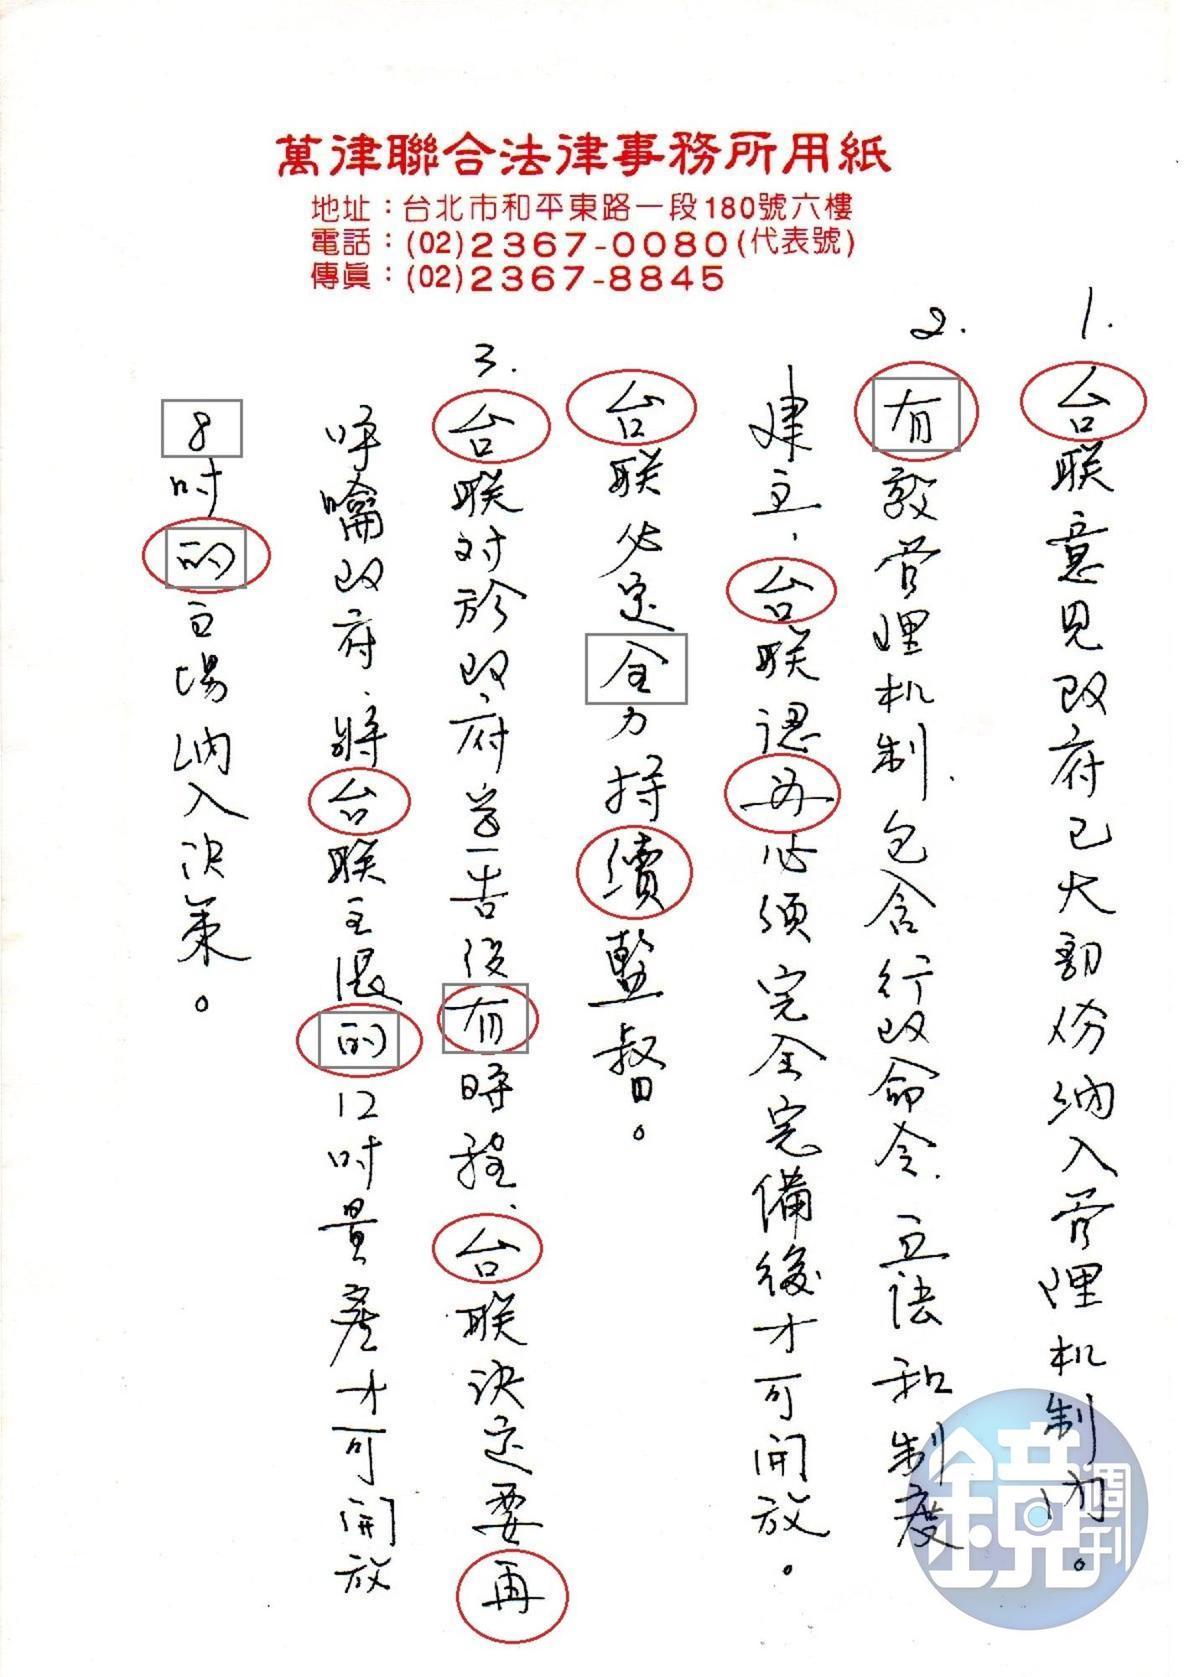 前立委黃適卓在臉書貼出他聲稱是總統蔡英文2002年親筆寫下,但與林志嘉筆跡相比(灰方框處)一致。(翻攝黃適卓臉書)